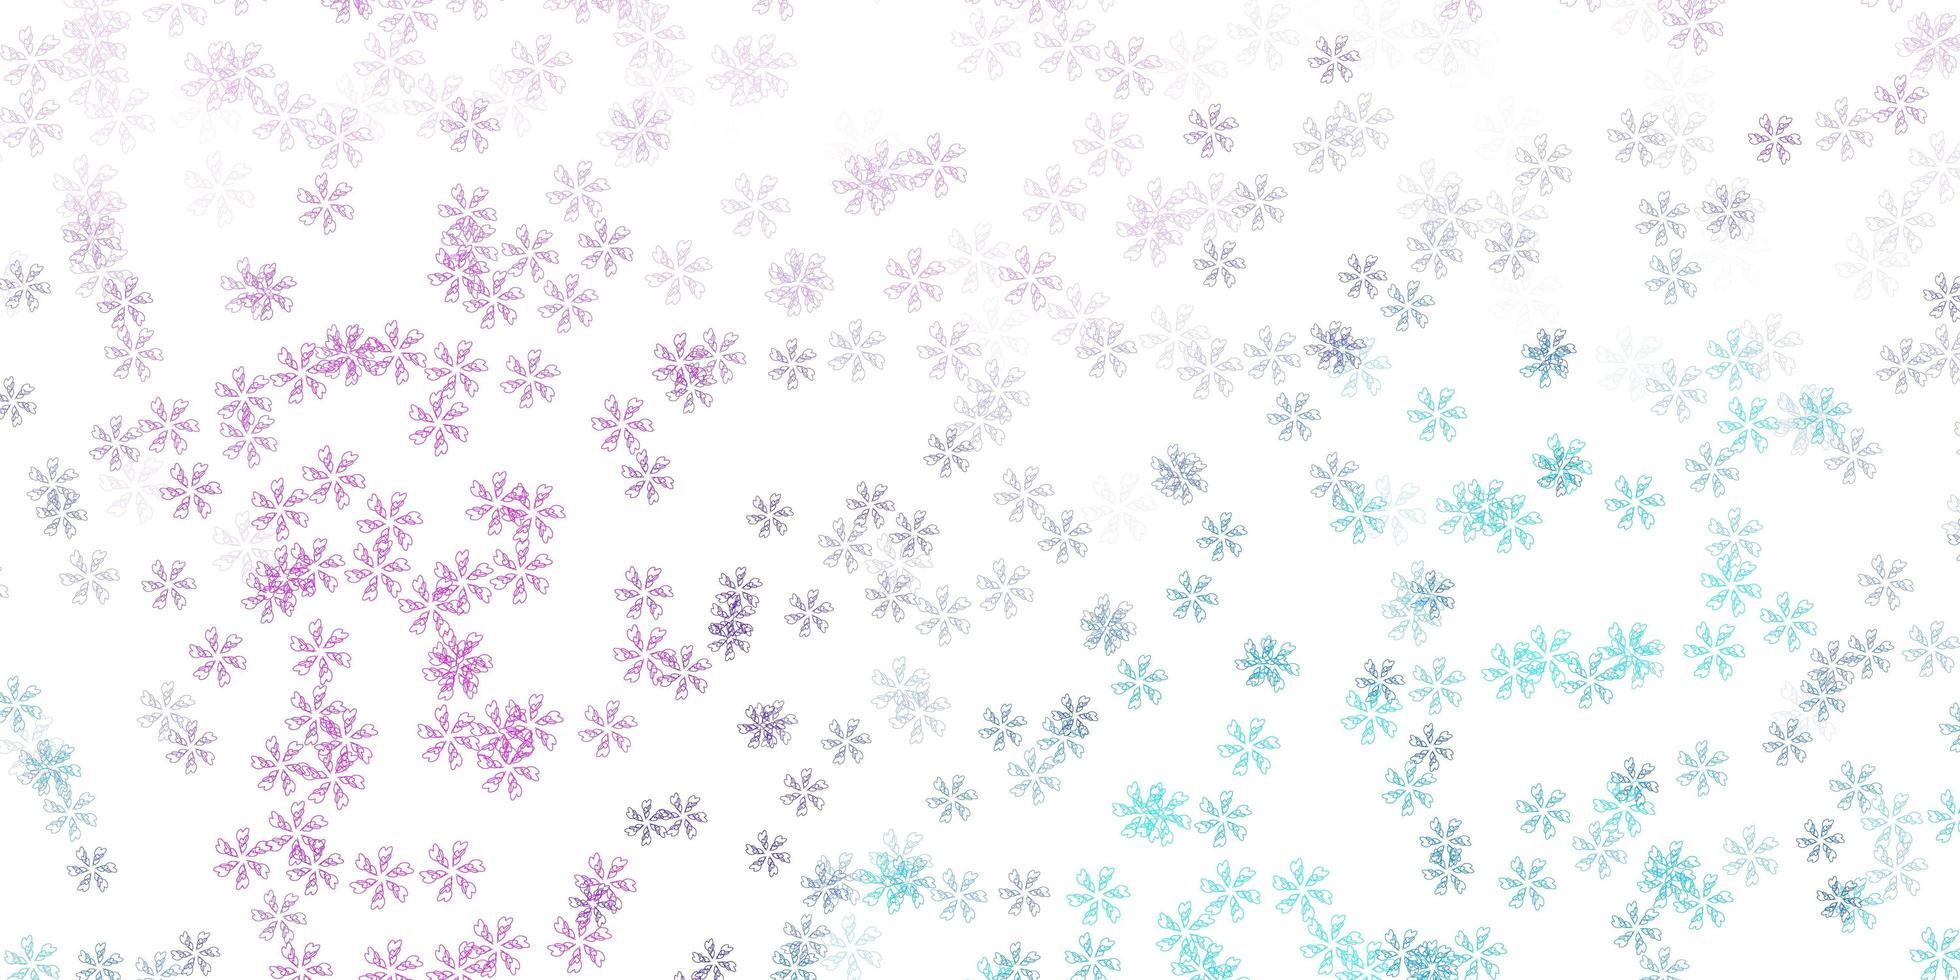 textura abstracta de vector rosa claro, azul con hojas.